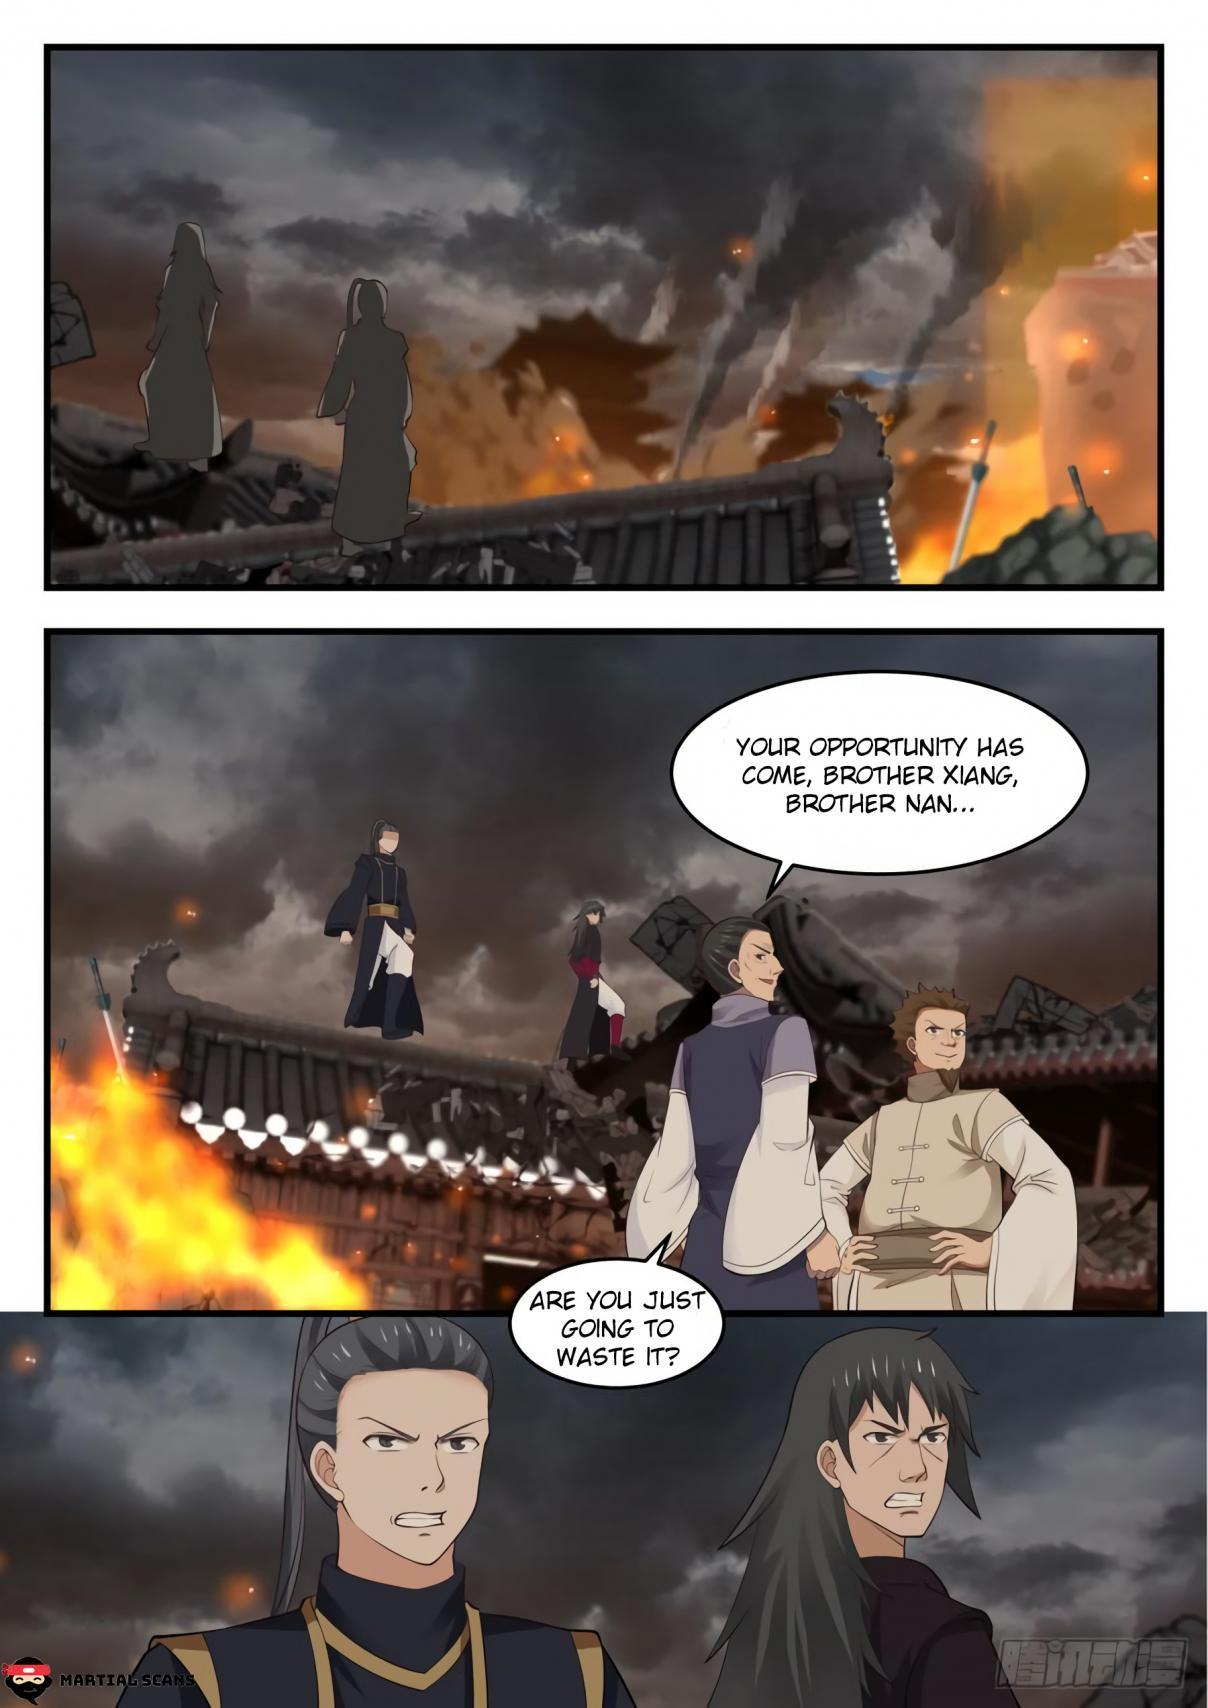 https://manga.mangadogs.com/comics/pic3/17/21329/1464215/f6b6af8a2288c3fe278349c87d304728.jpg Page 2